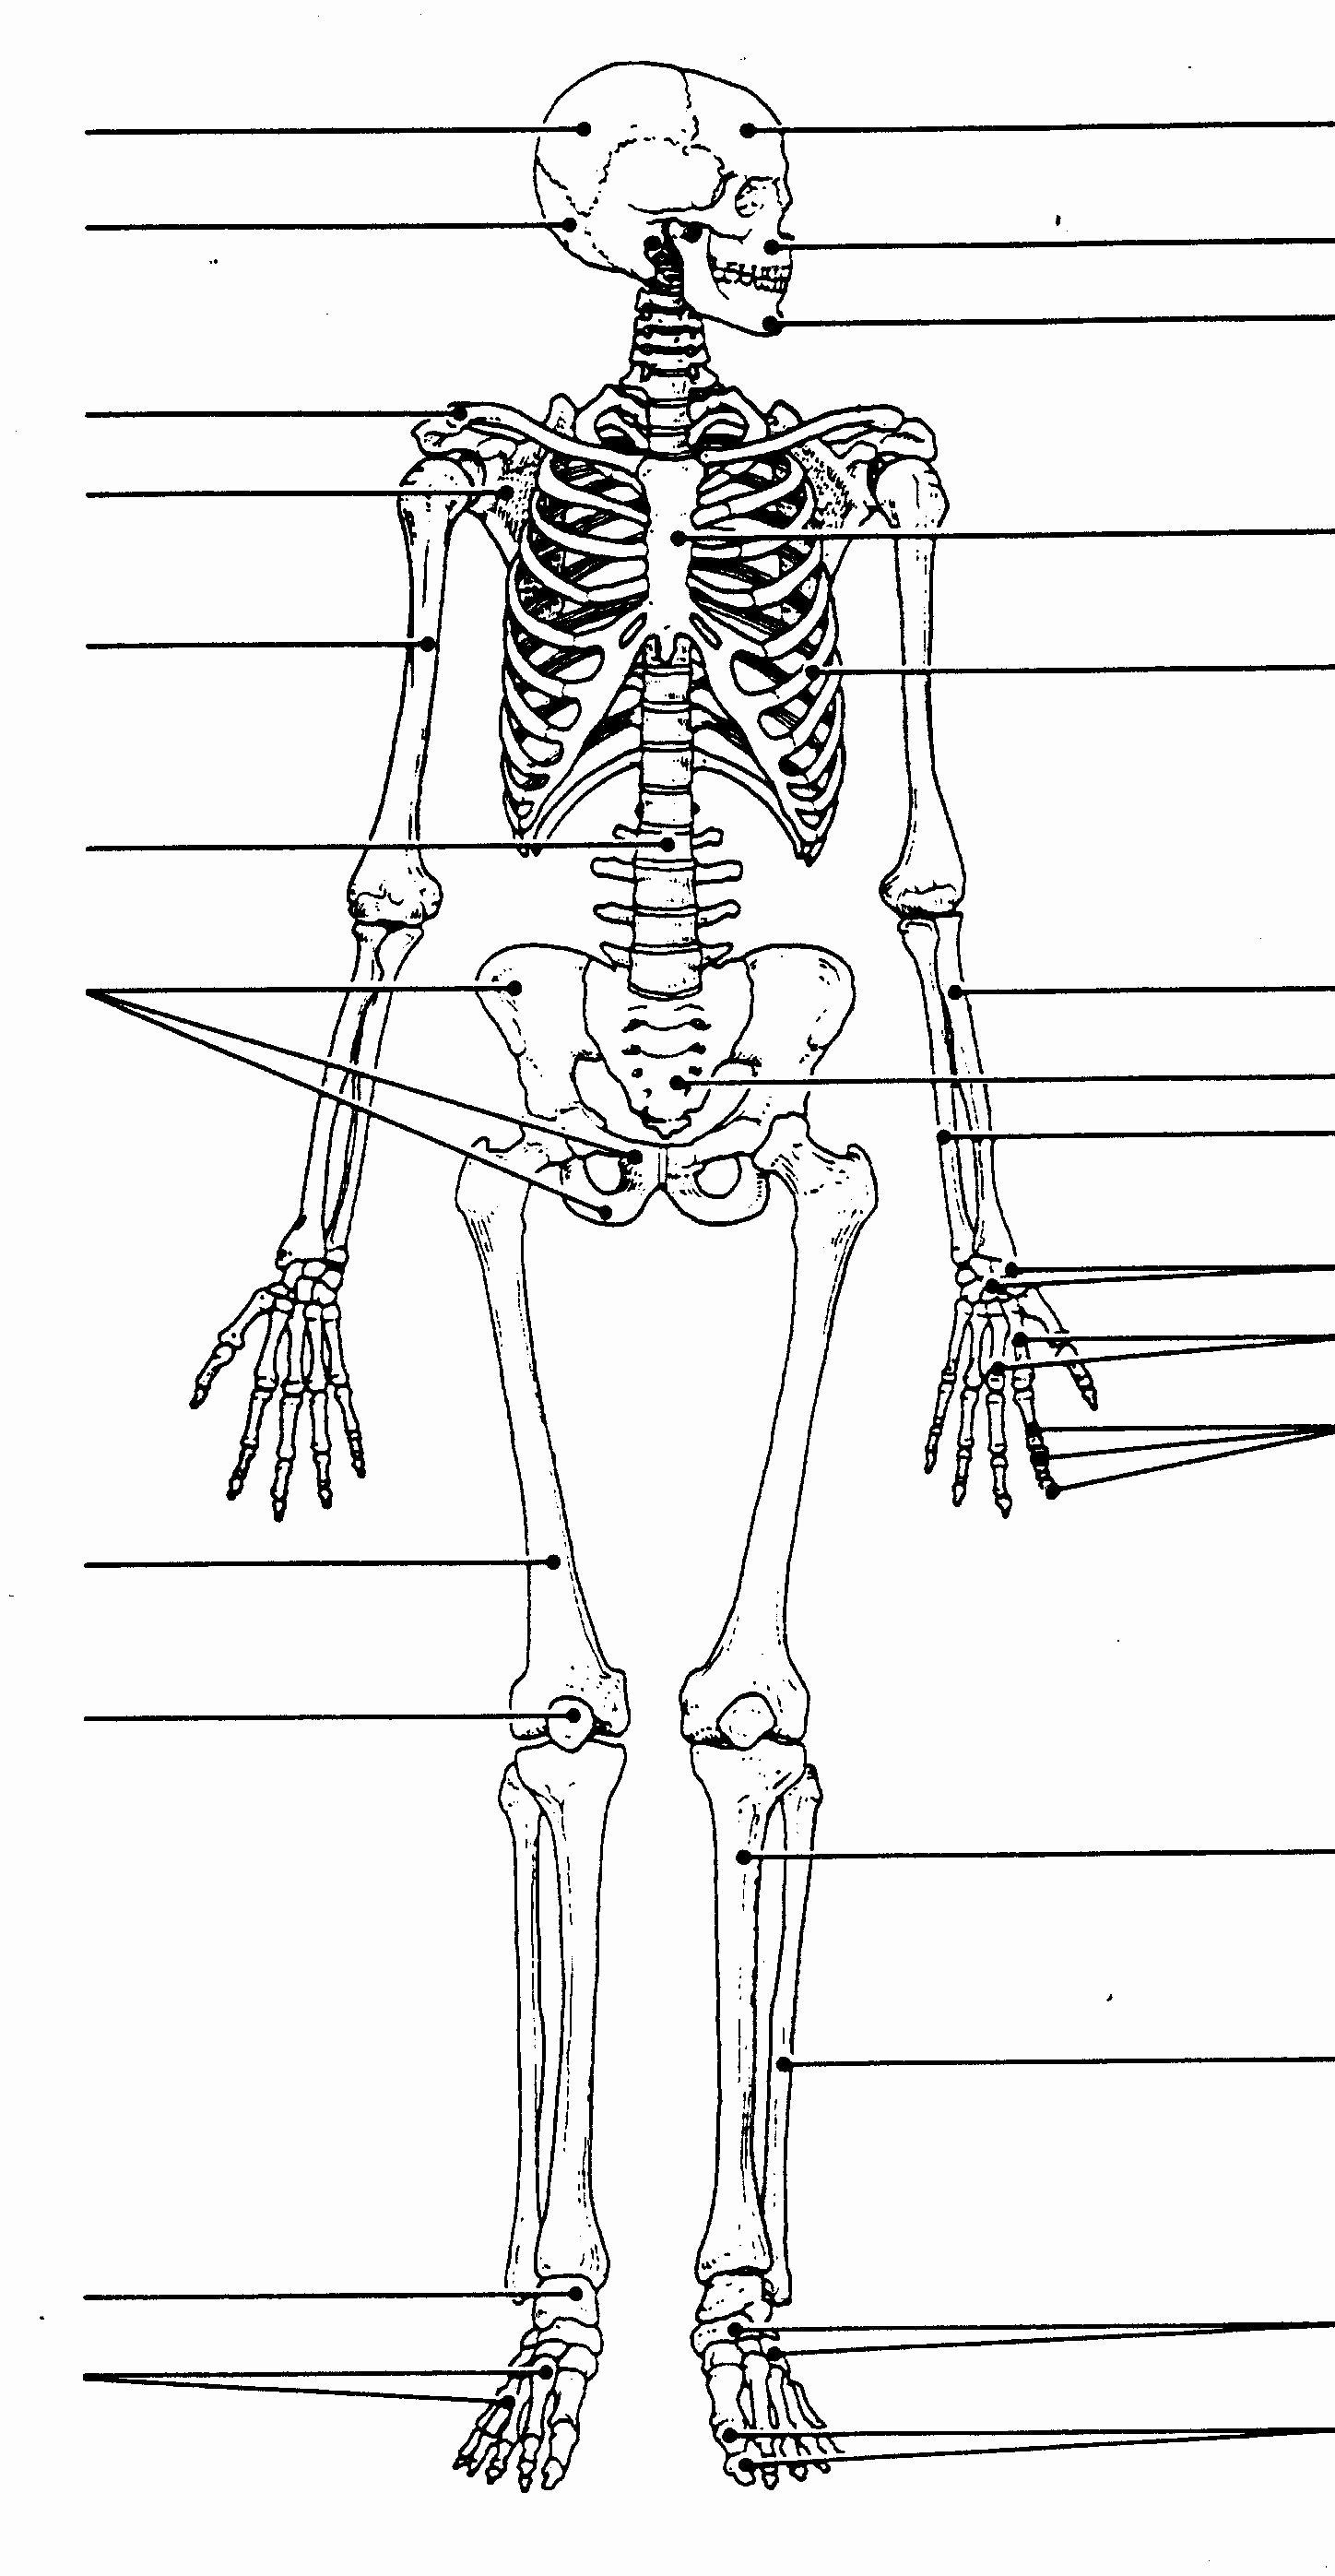 Skeletal System Labeling Worksheet Pdf Beautiful Unlabeled Human Skeleton Diagram Unlabeled Human